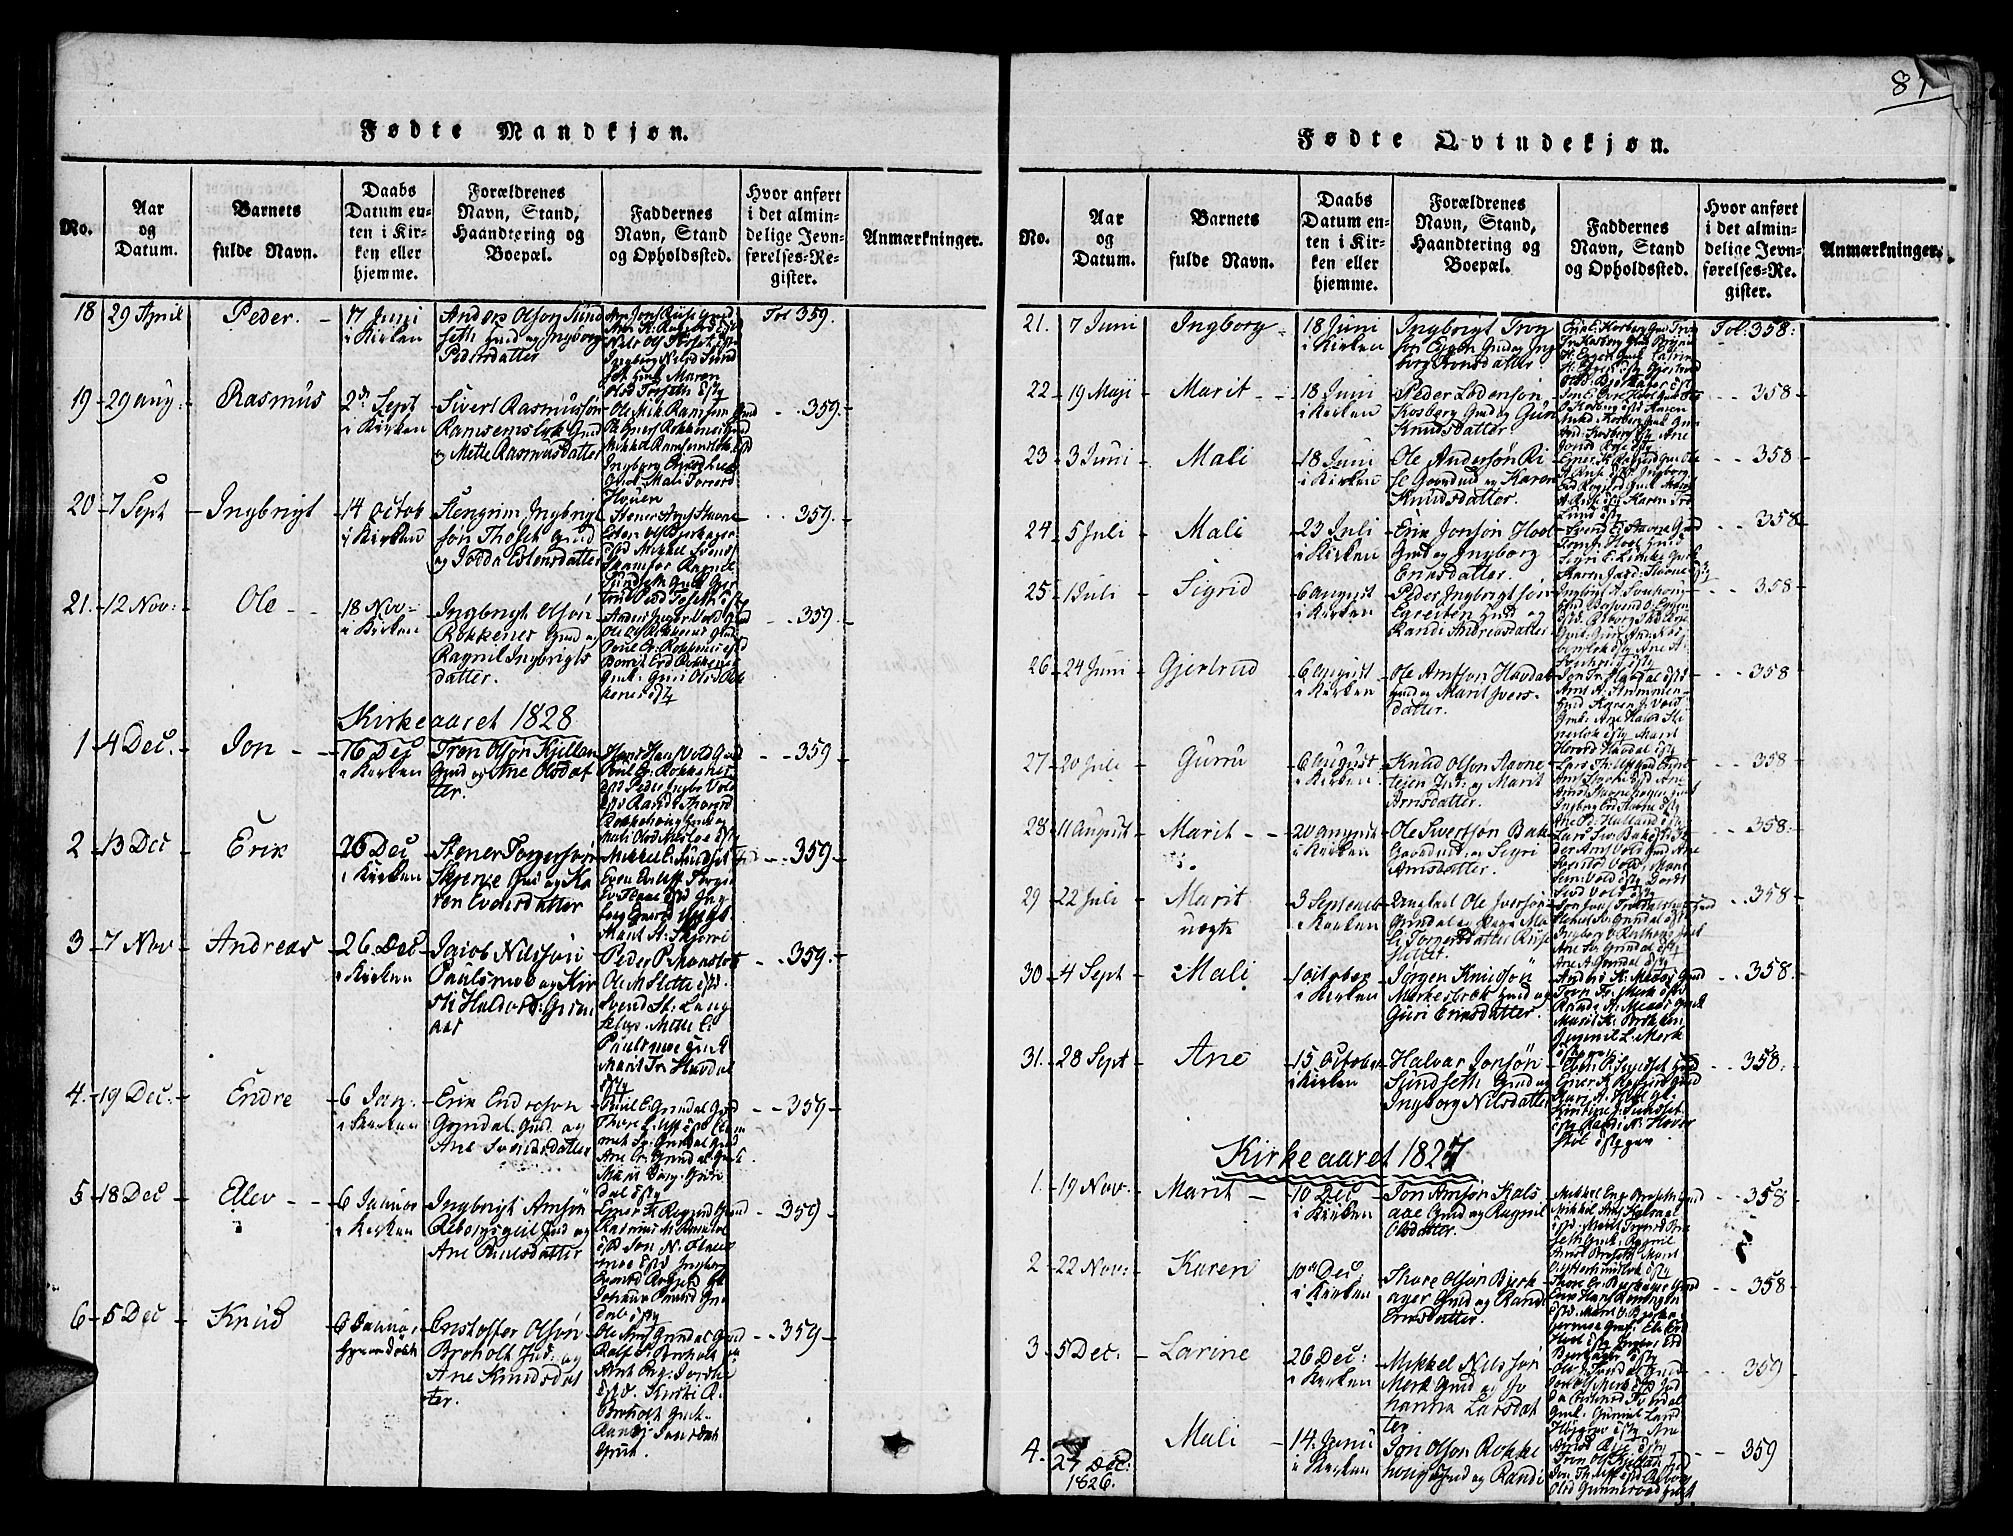 SAT, Ministerialprotokoller, klokkerbøker og fødselsregistre - Sør-Trøndelag, 672/L0854: Ministerialbok nr. 672A06 /2, 1816-1829, s. 87